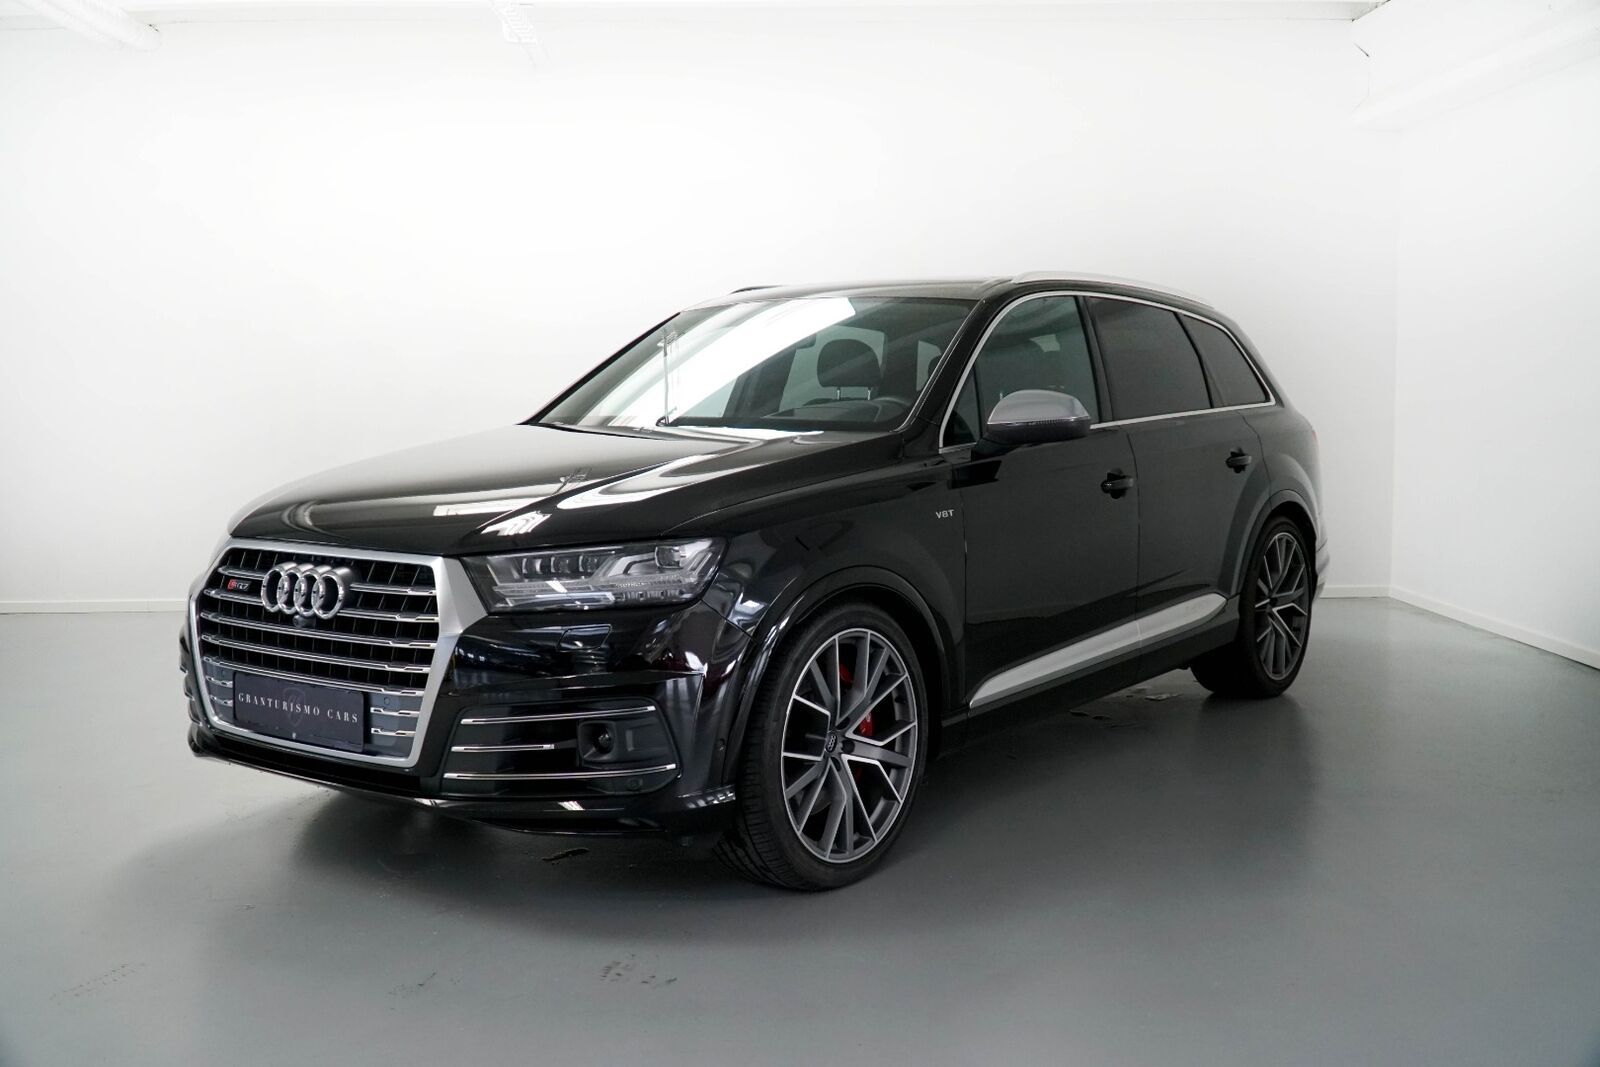 Audi SQ7 4,0 TDi quattro Tiptr. 7prs 5d - 7.100 kr.